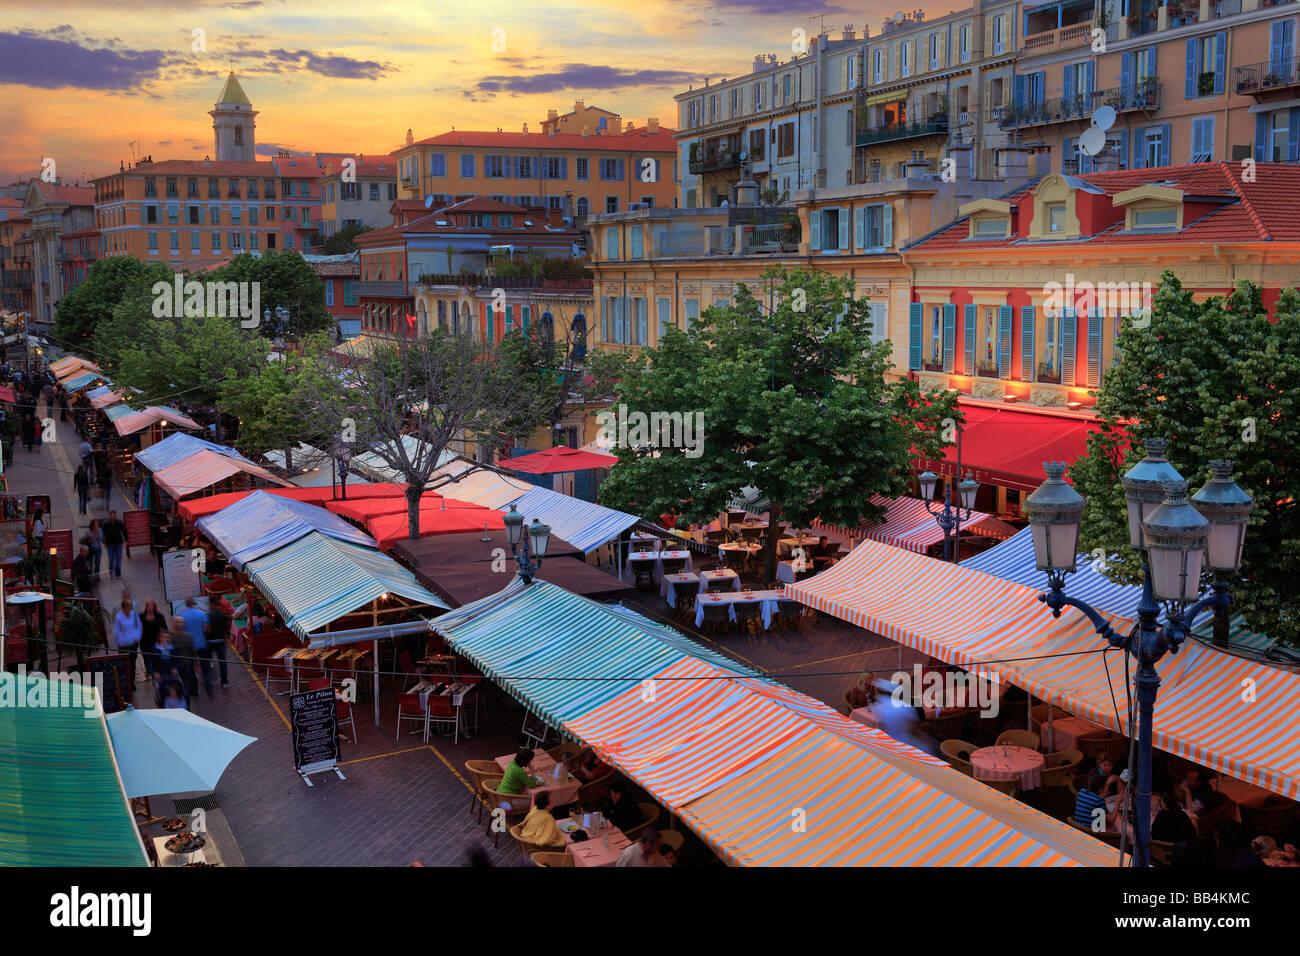 Marché aux fleurs dans la 'vieille ville' (vieille ville) de Nice, en France sur la côte d'Azur Photo Stock